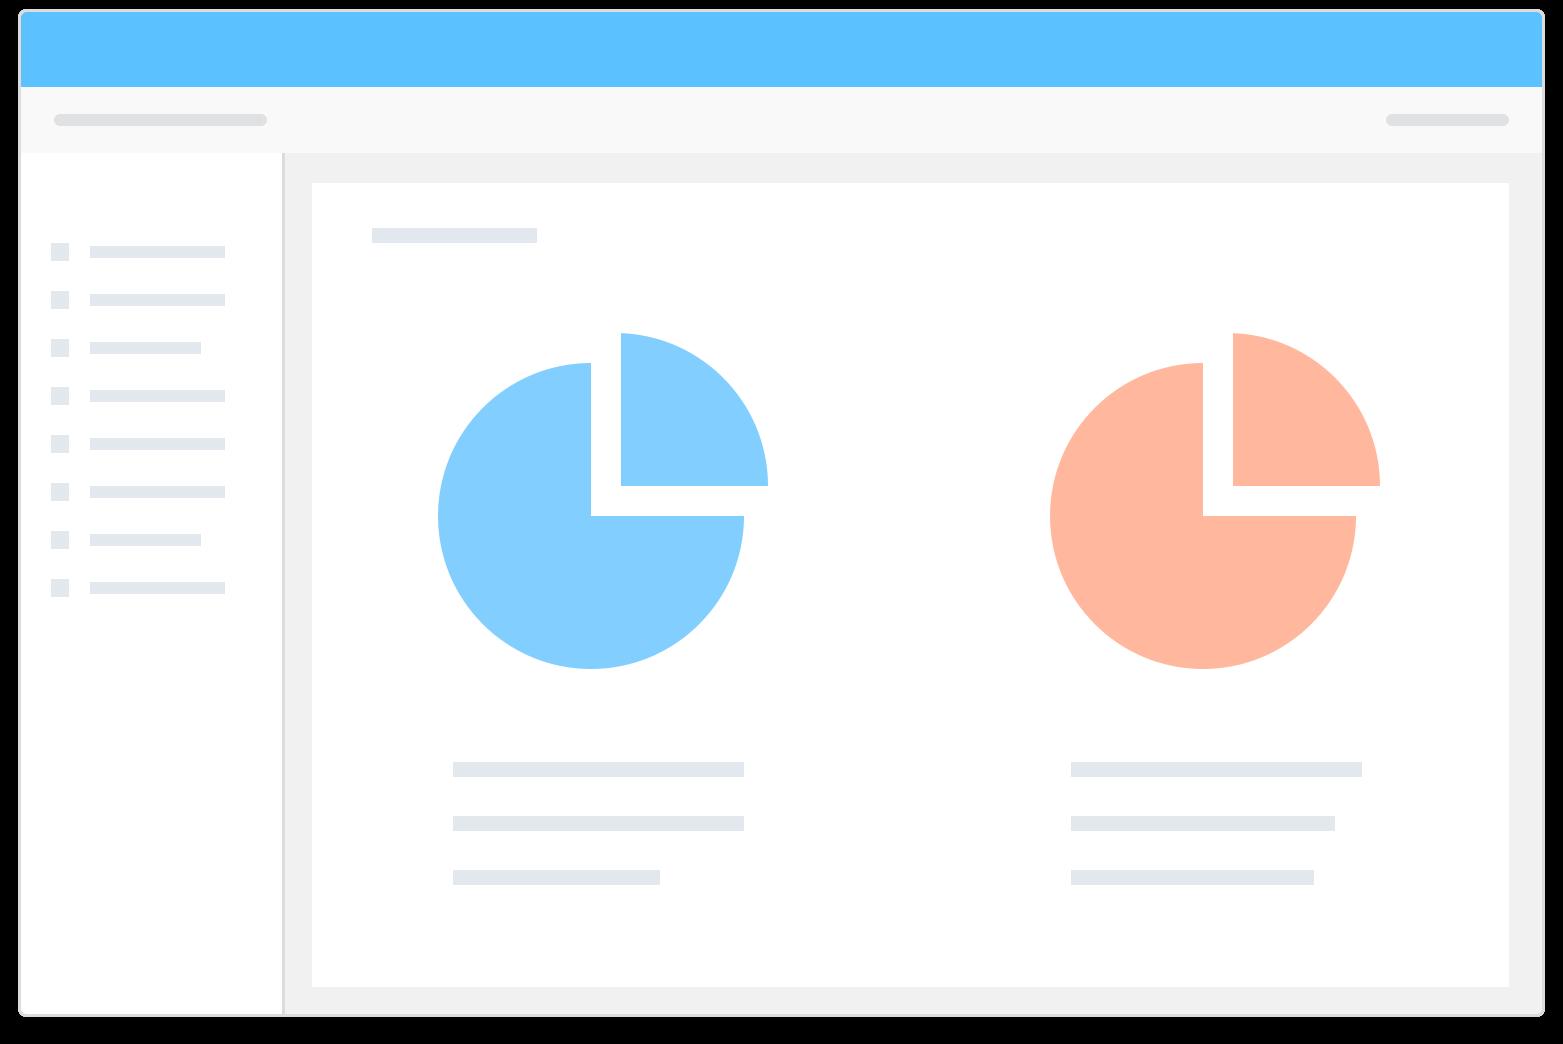 虚拟消费 — 全面的用户消费分析